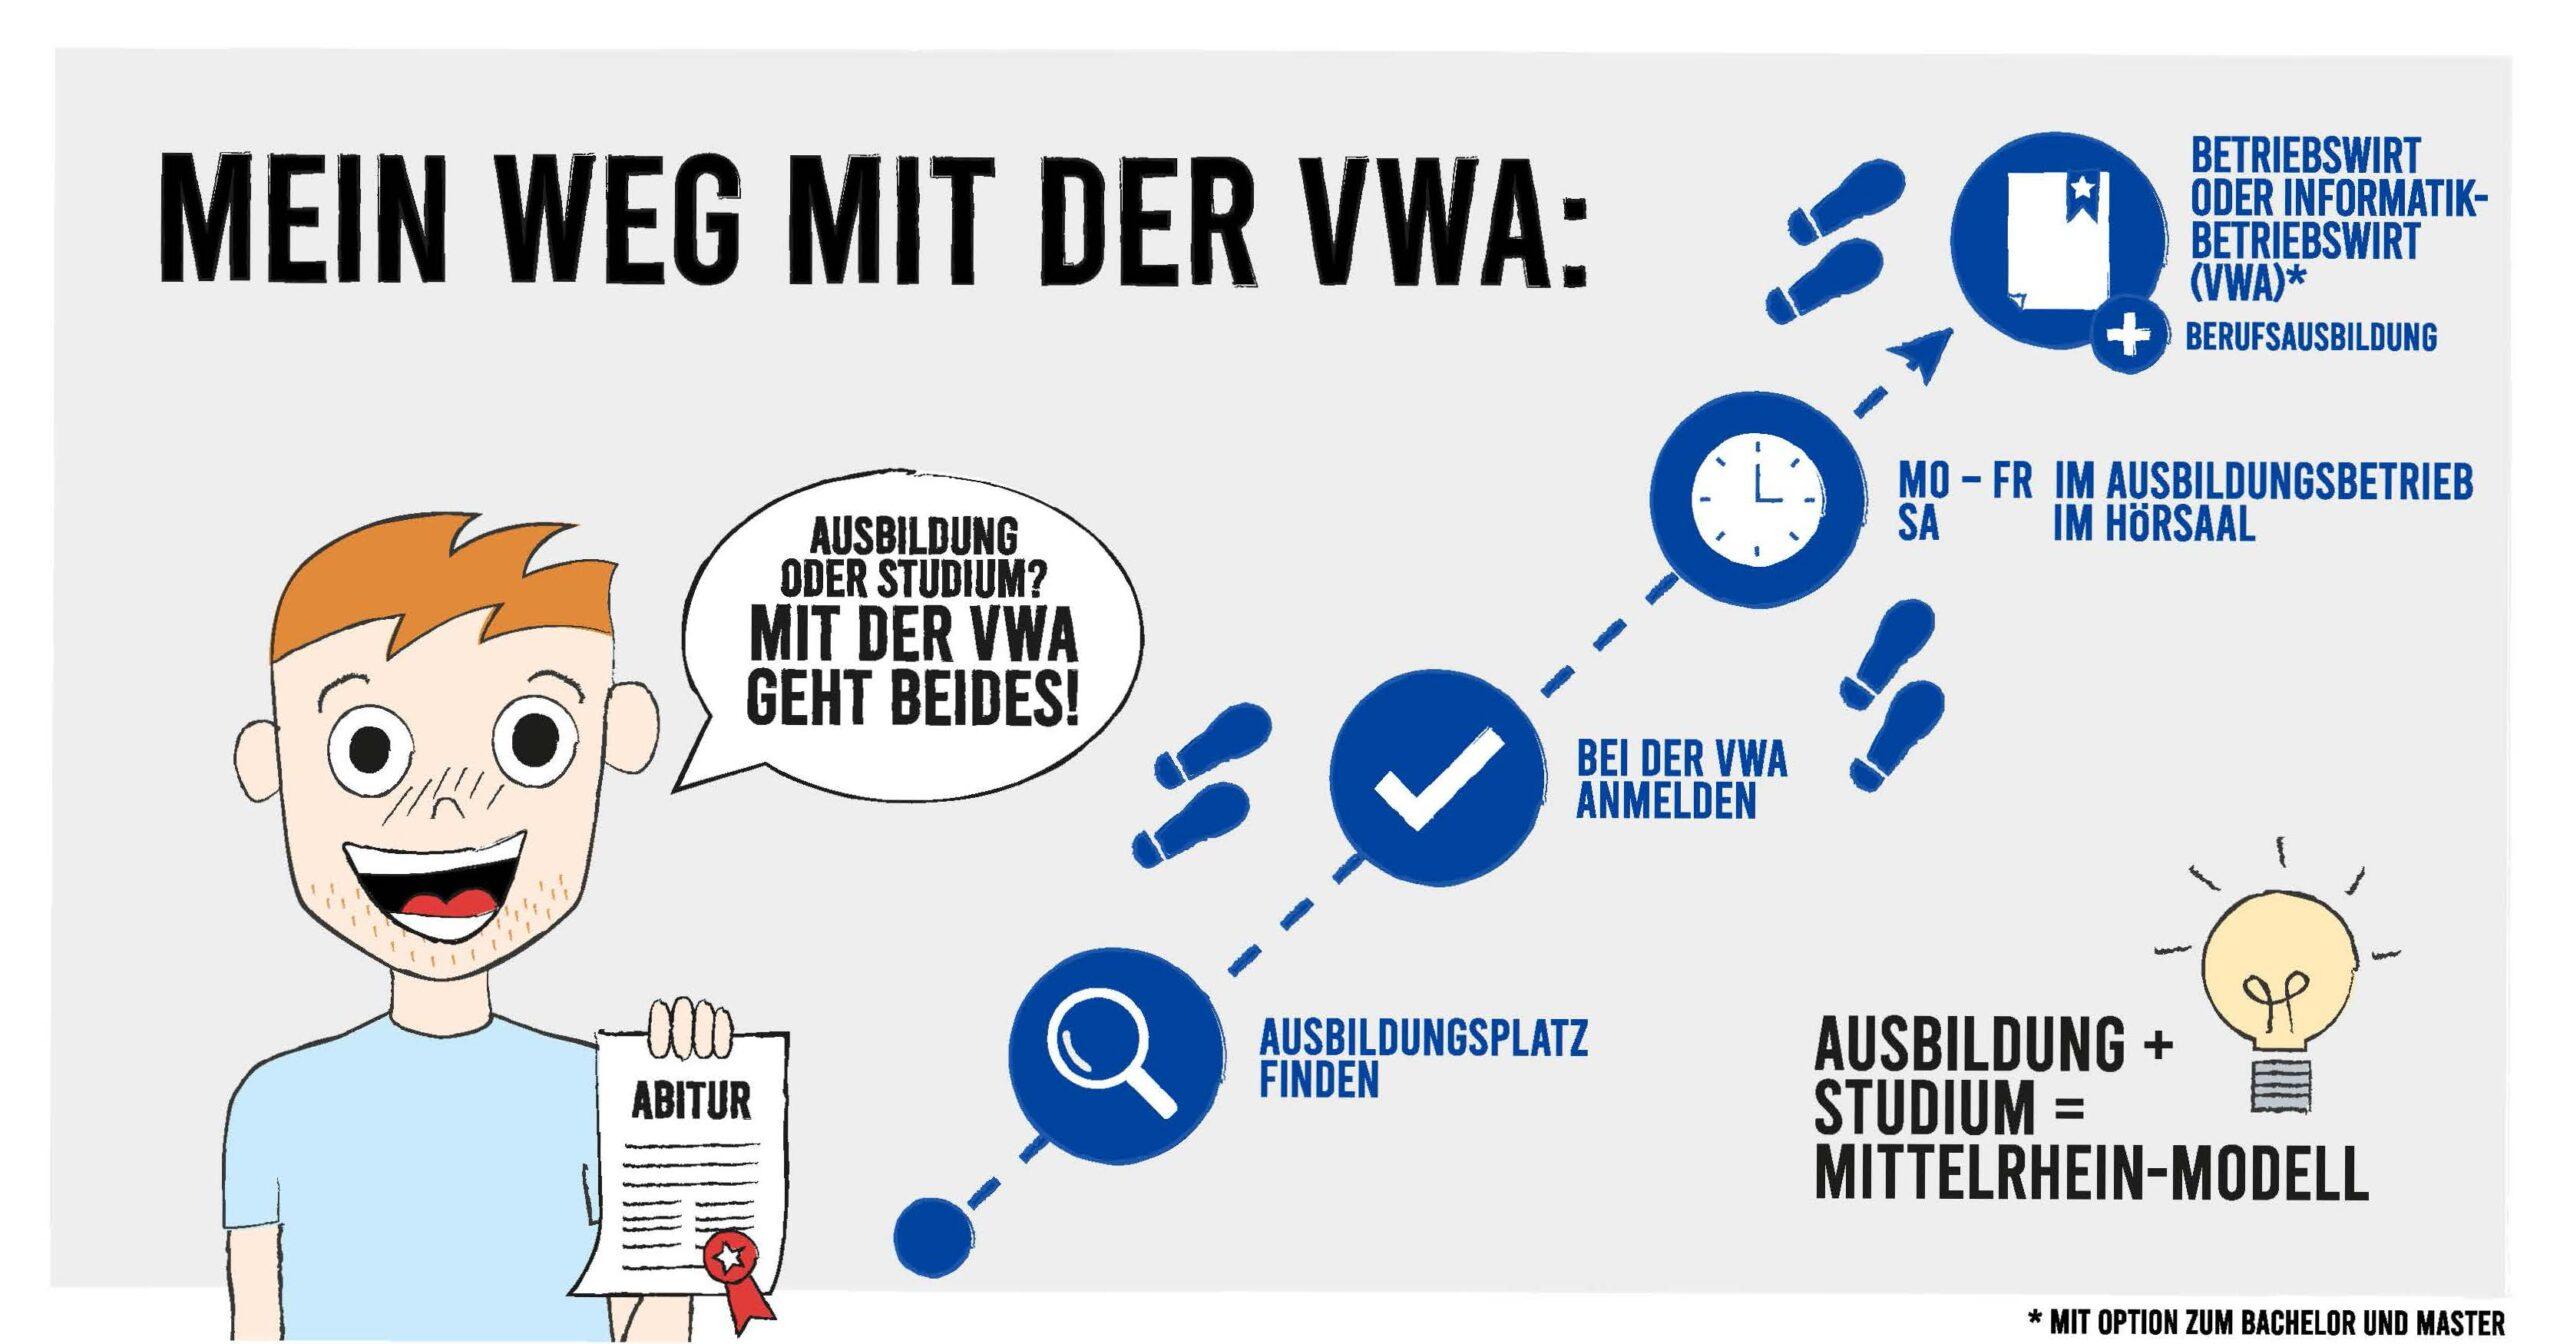 Darstellung des Weges zum VWA-Abschluss neben der Ausbildung als Comic-Grafik